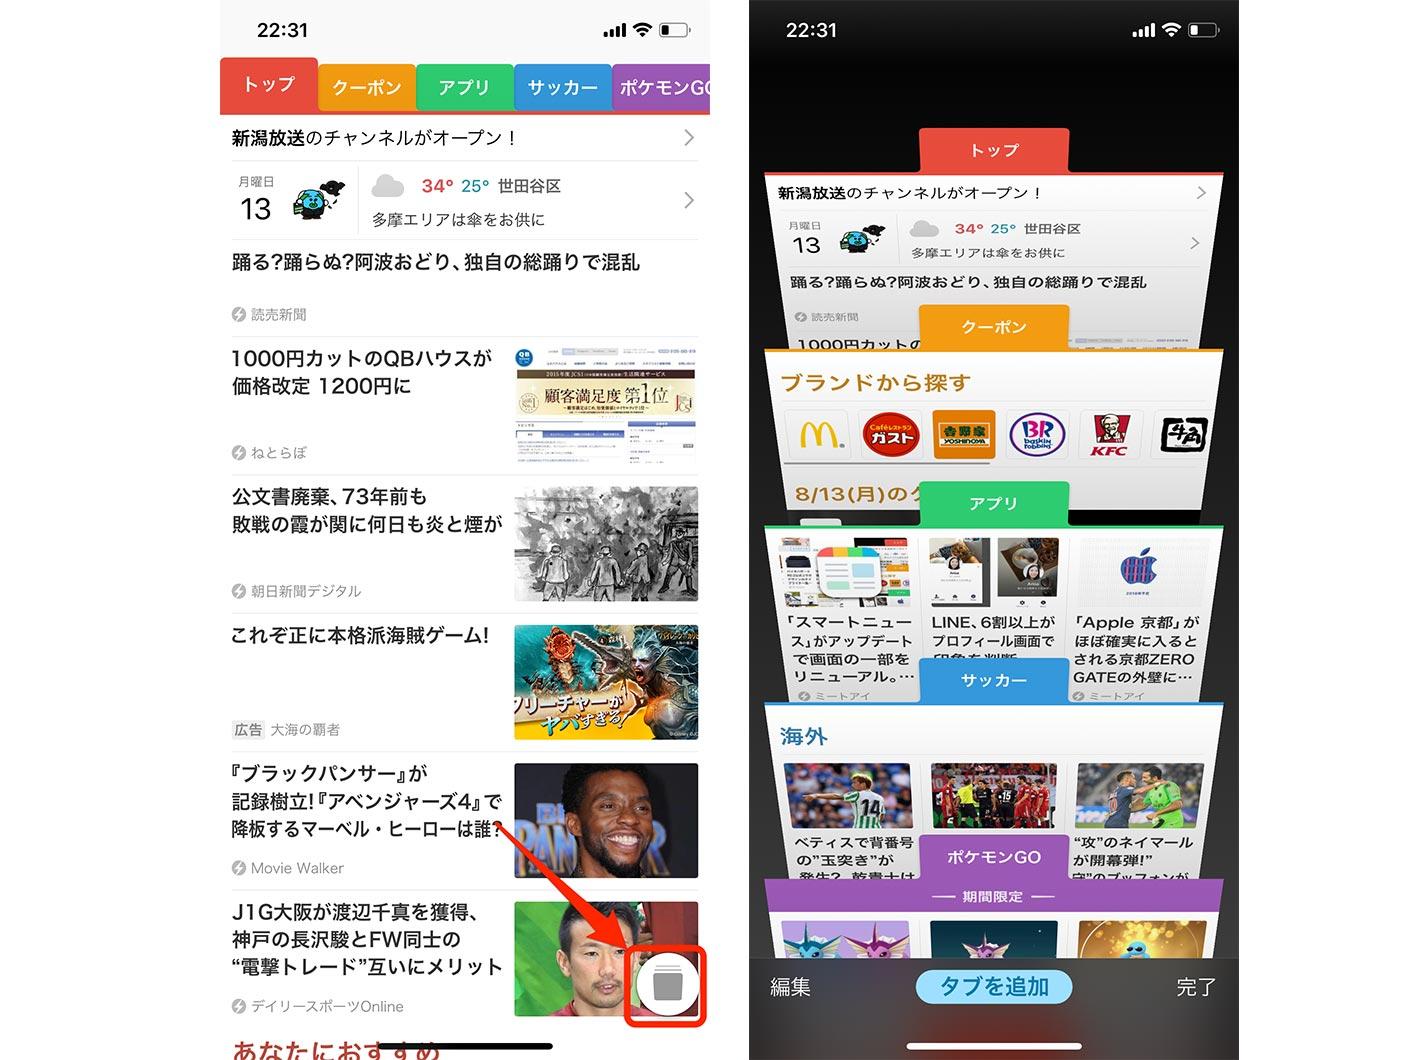 Smartnewsupdate